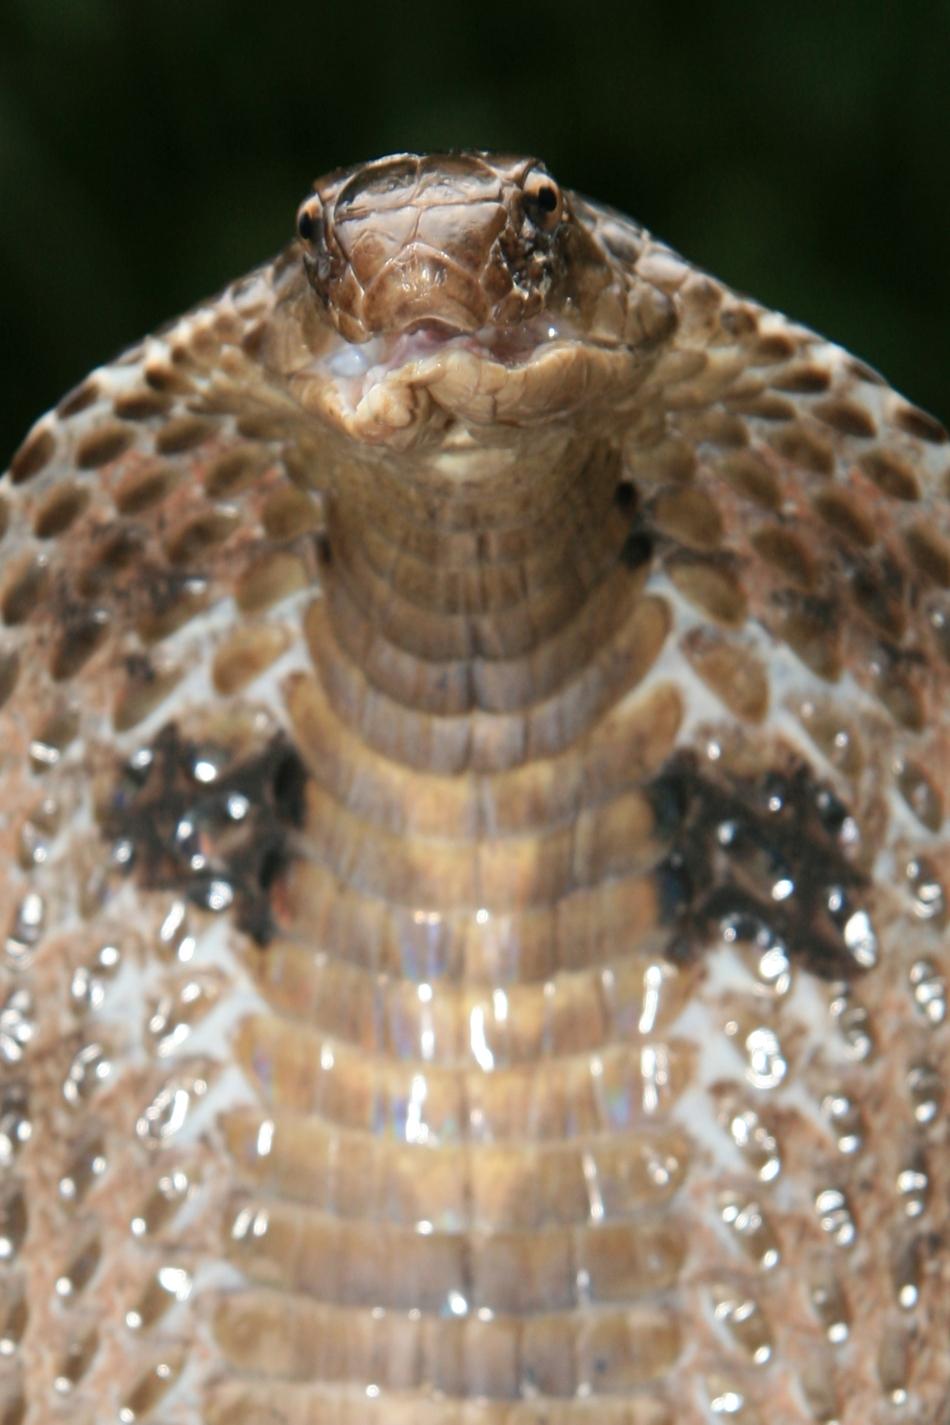 Cobra este cel mai căutat şarpe indian de către îmblânzitori